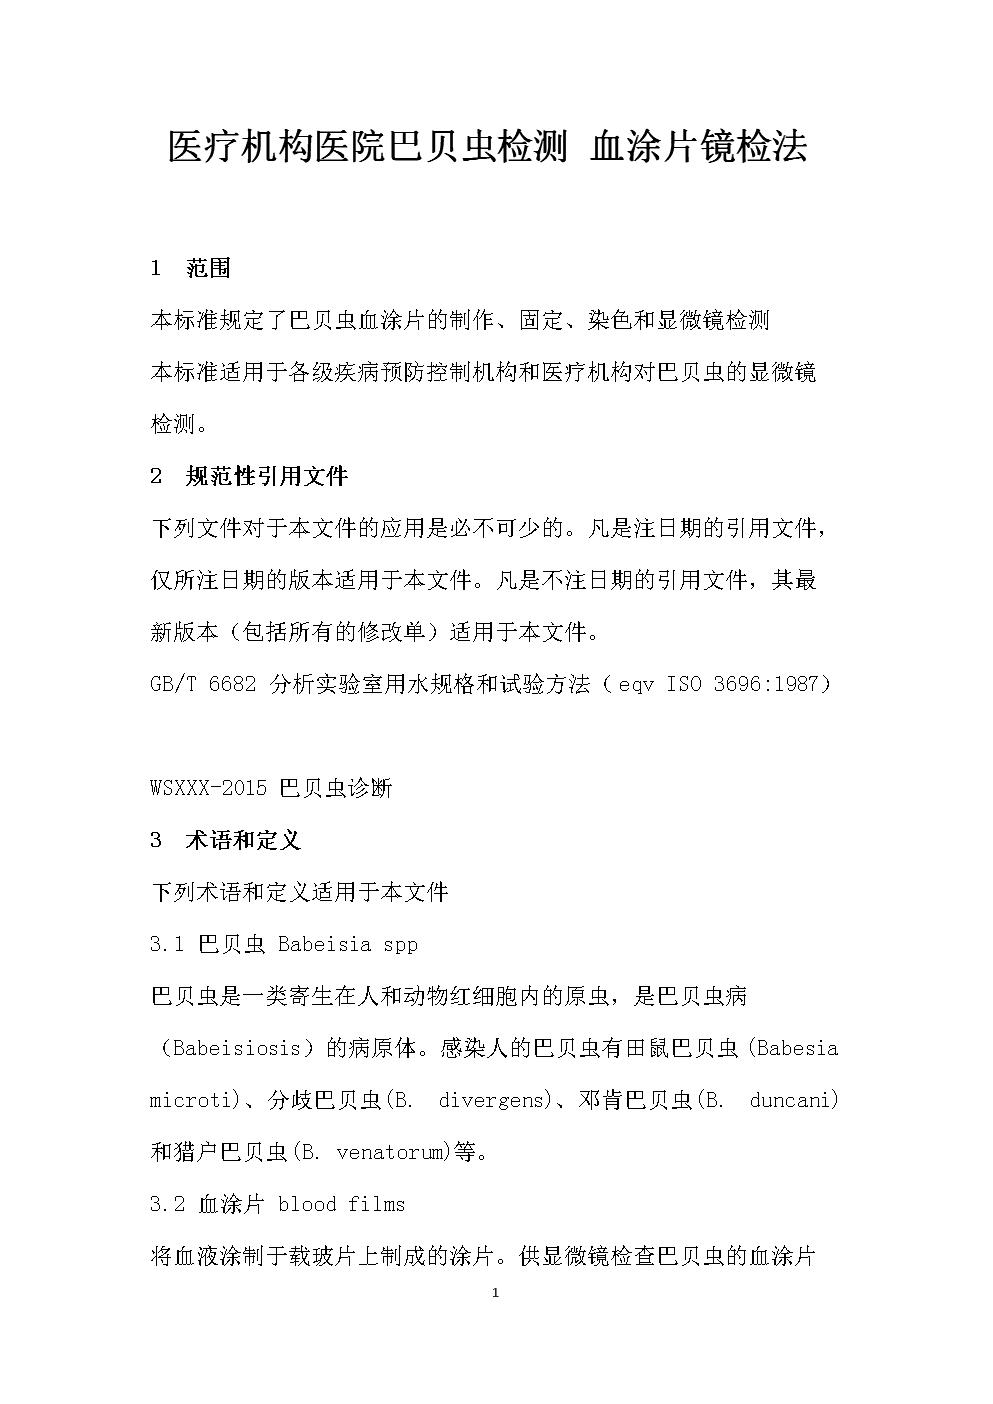 医疗机构医院巴贝虫检测 血涂片镜检法.docx